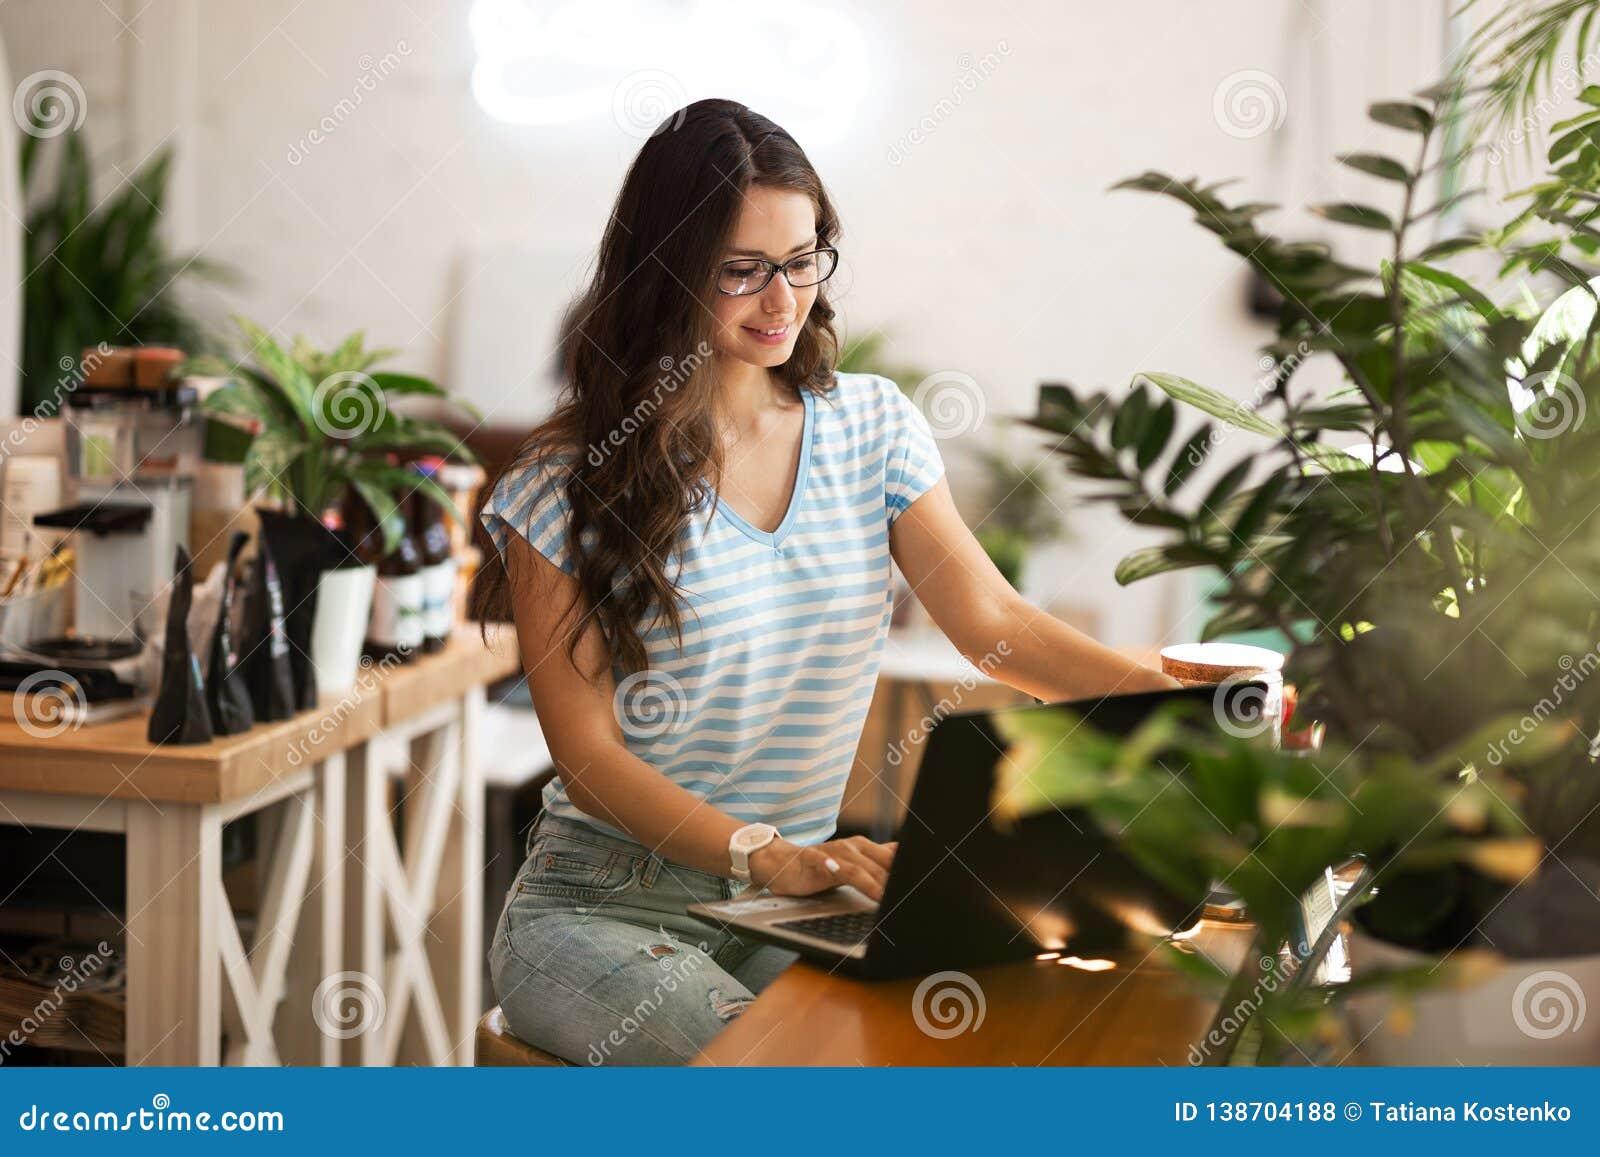 Une jeune fille mince avec les cheveux foncés et les verres, style occasionnel de port, s assied à la table et tient une tasse de